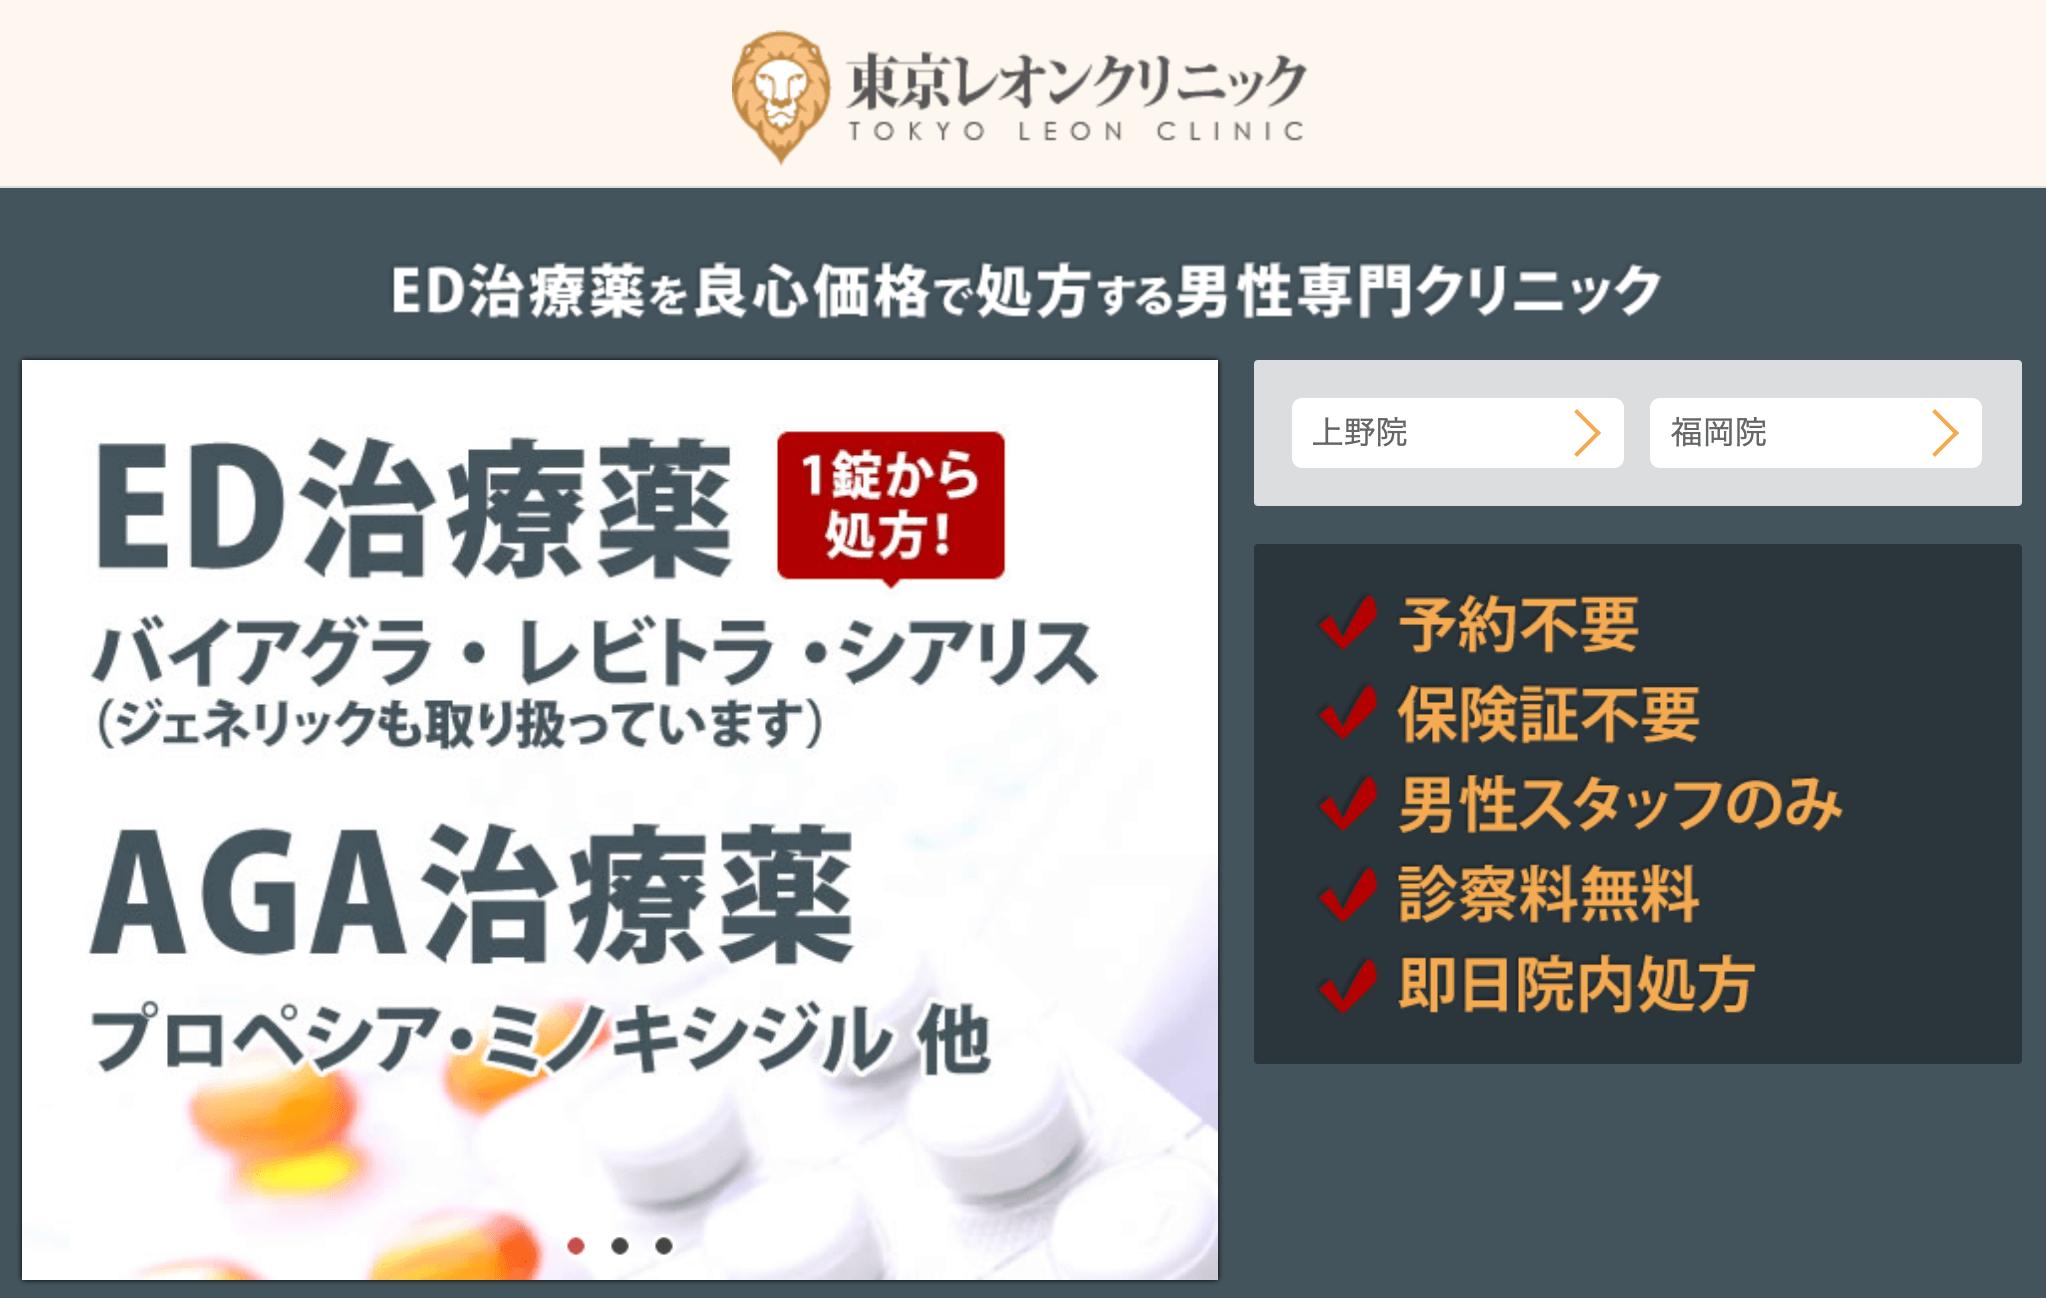 東京レオンクリニックの公式ページ